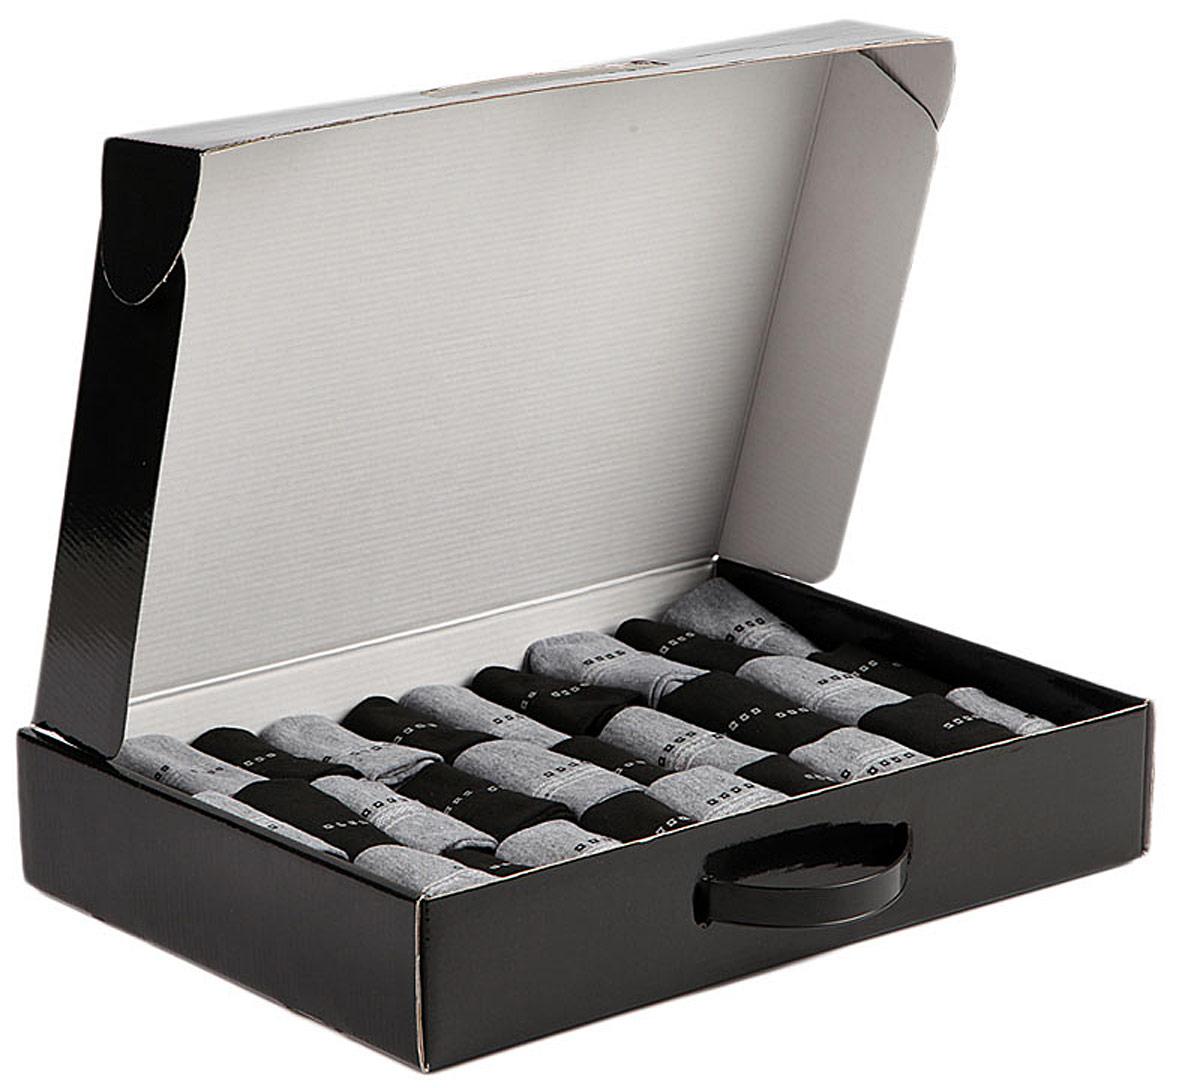 Комплект носков мужских Соксы, цвет: серый, черный, 30 пар. 017. Размер 39/43 jd коллекция светло телесный 12 пар носков 15d две кости размер